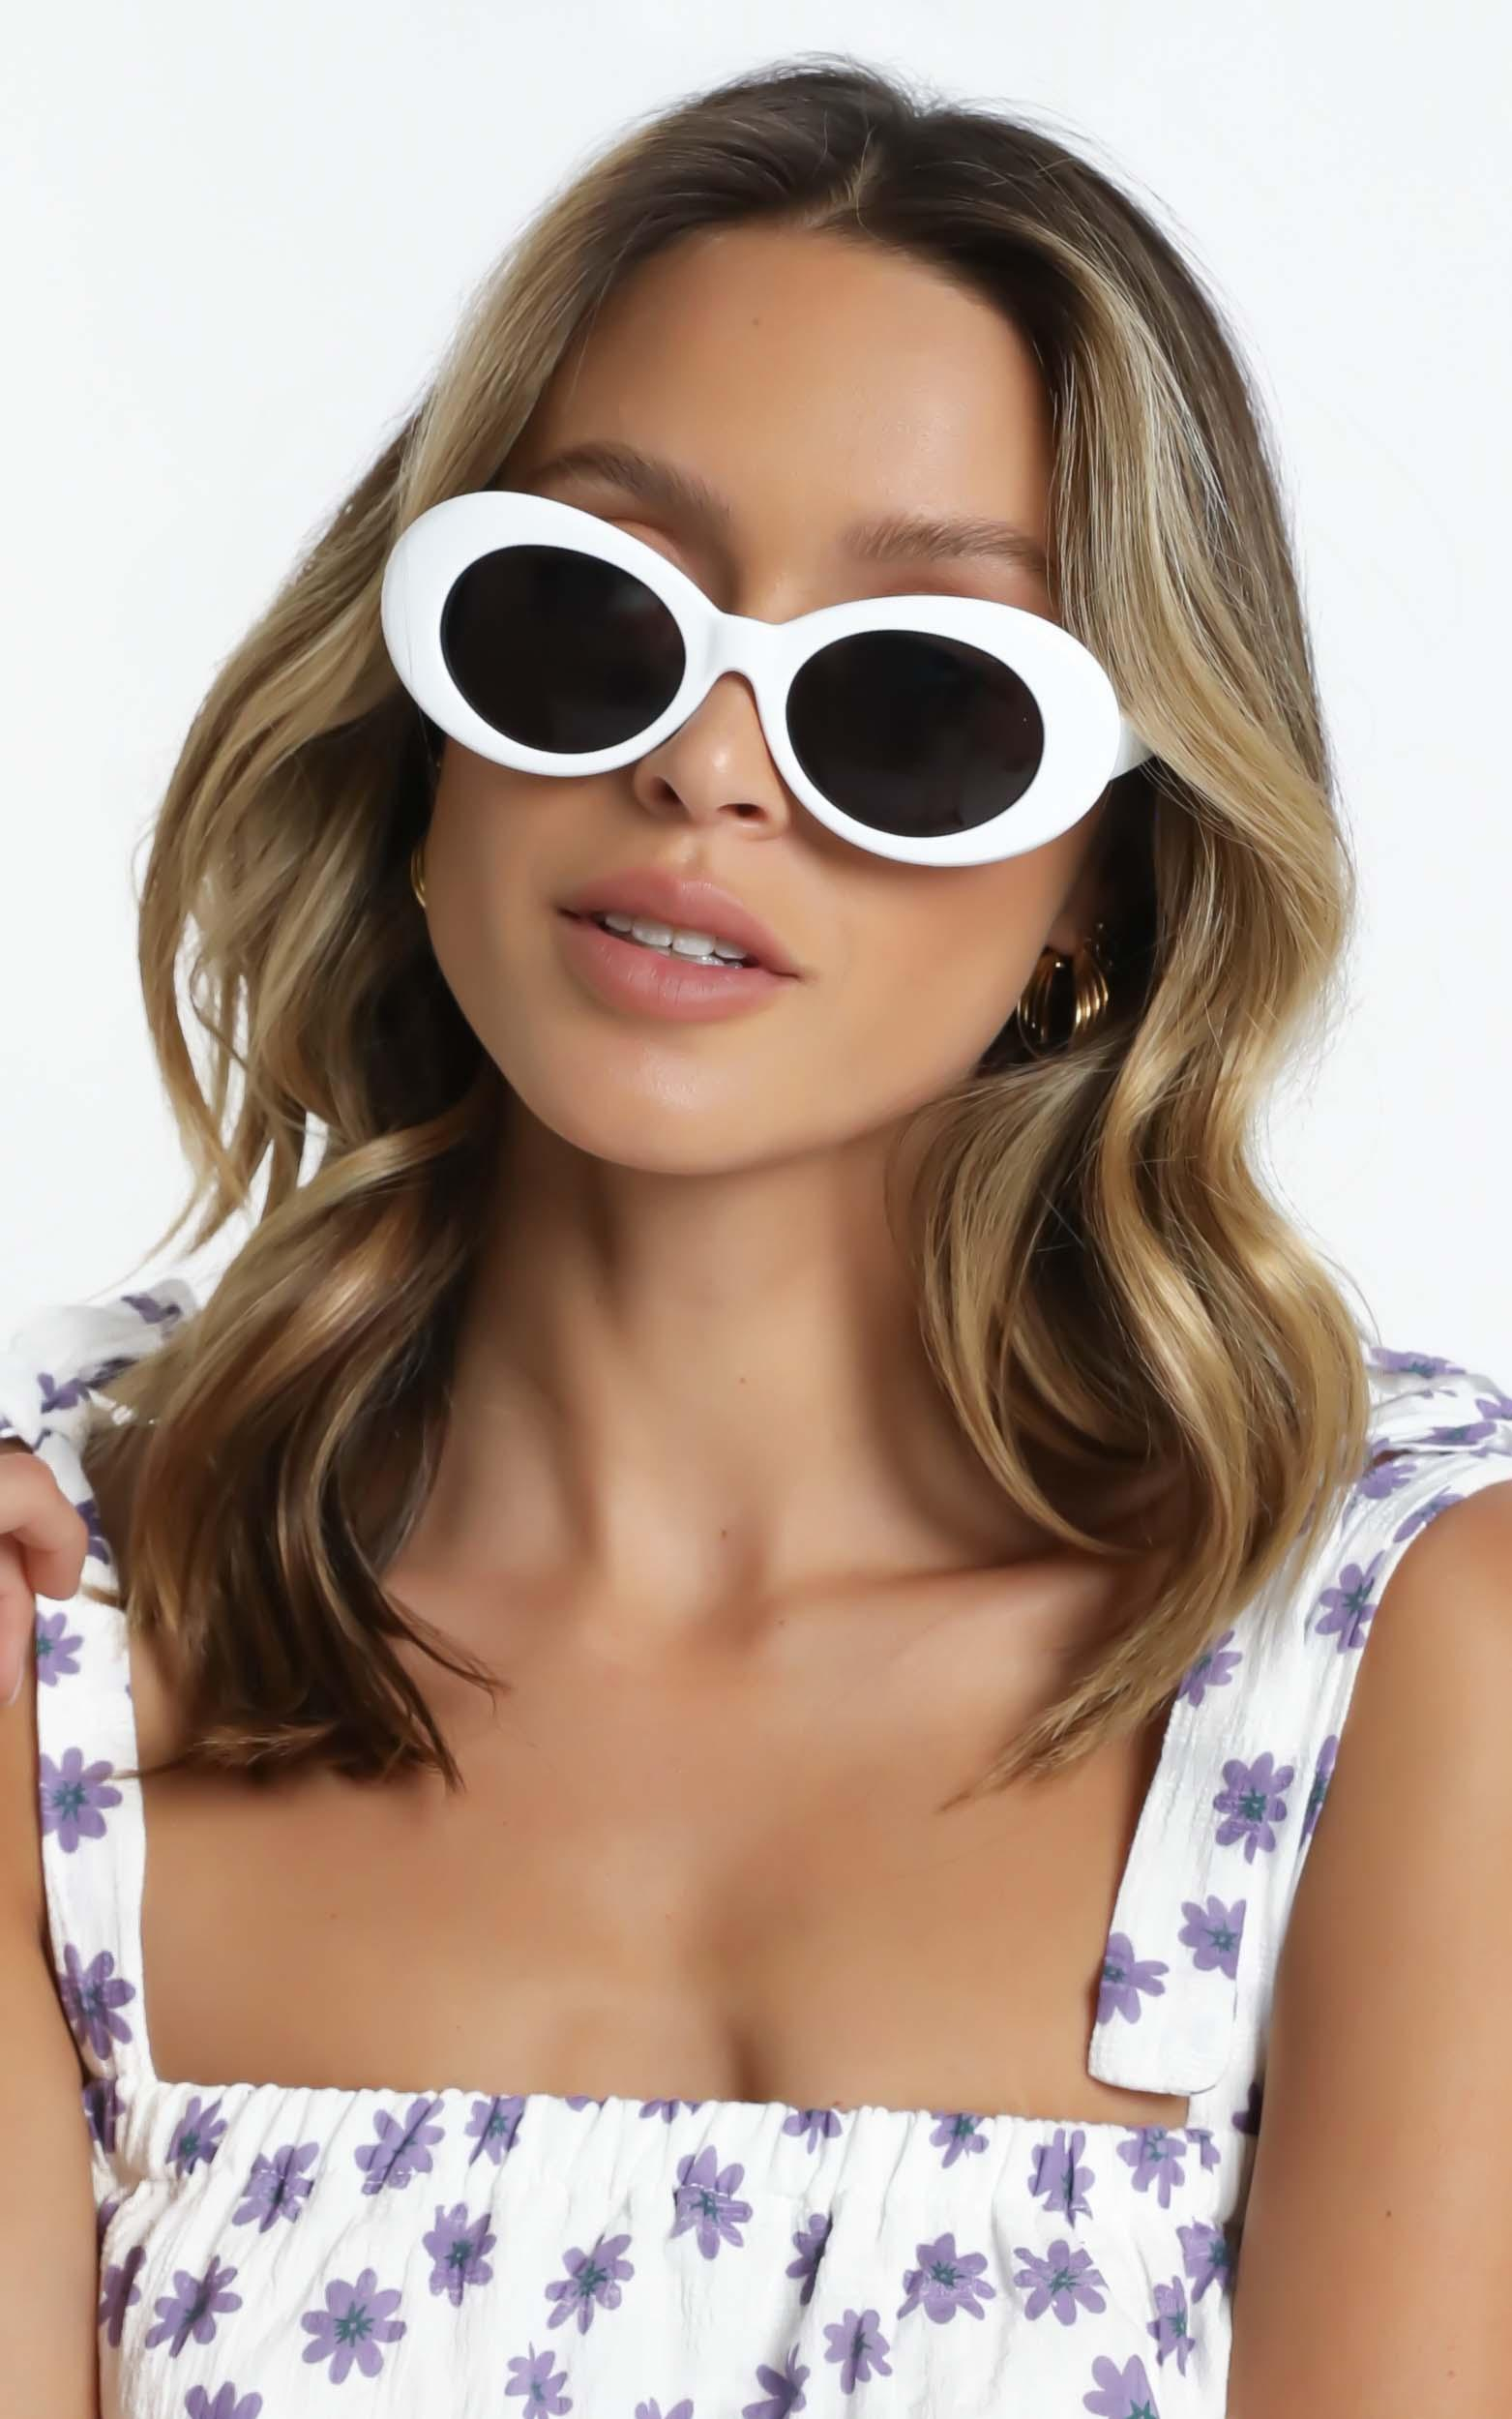 Alda Sunglasses in White, , hi-res image number null